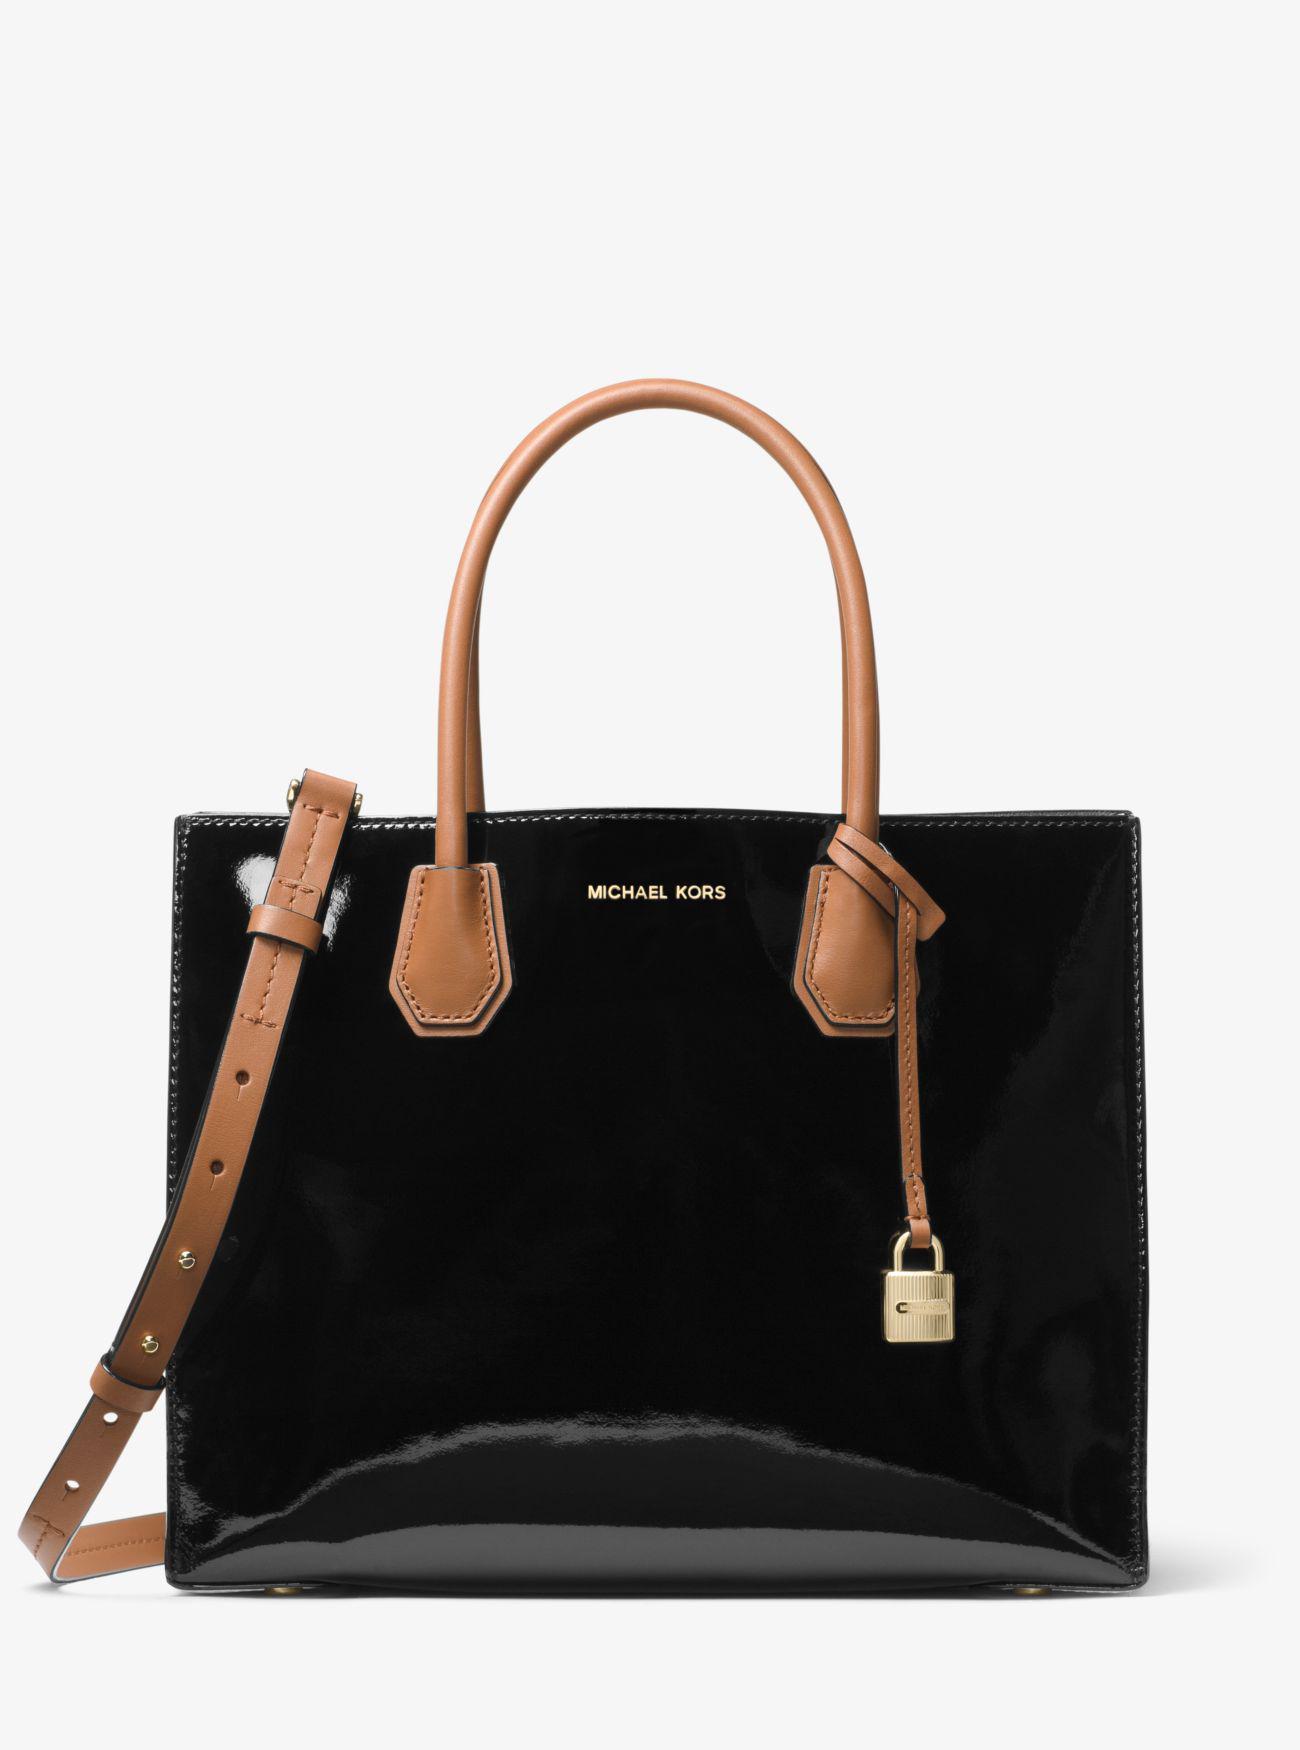 9cf3e564303c ... messenger bag black c0b6e b3b97; australia lyst michael kors mercer  large color block patent leather tote in 12b91 1c6eb